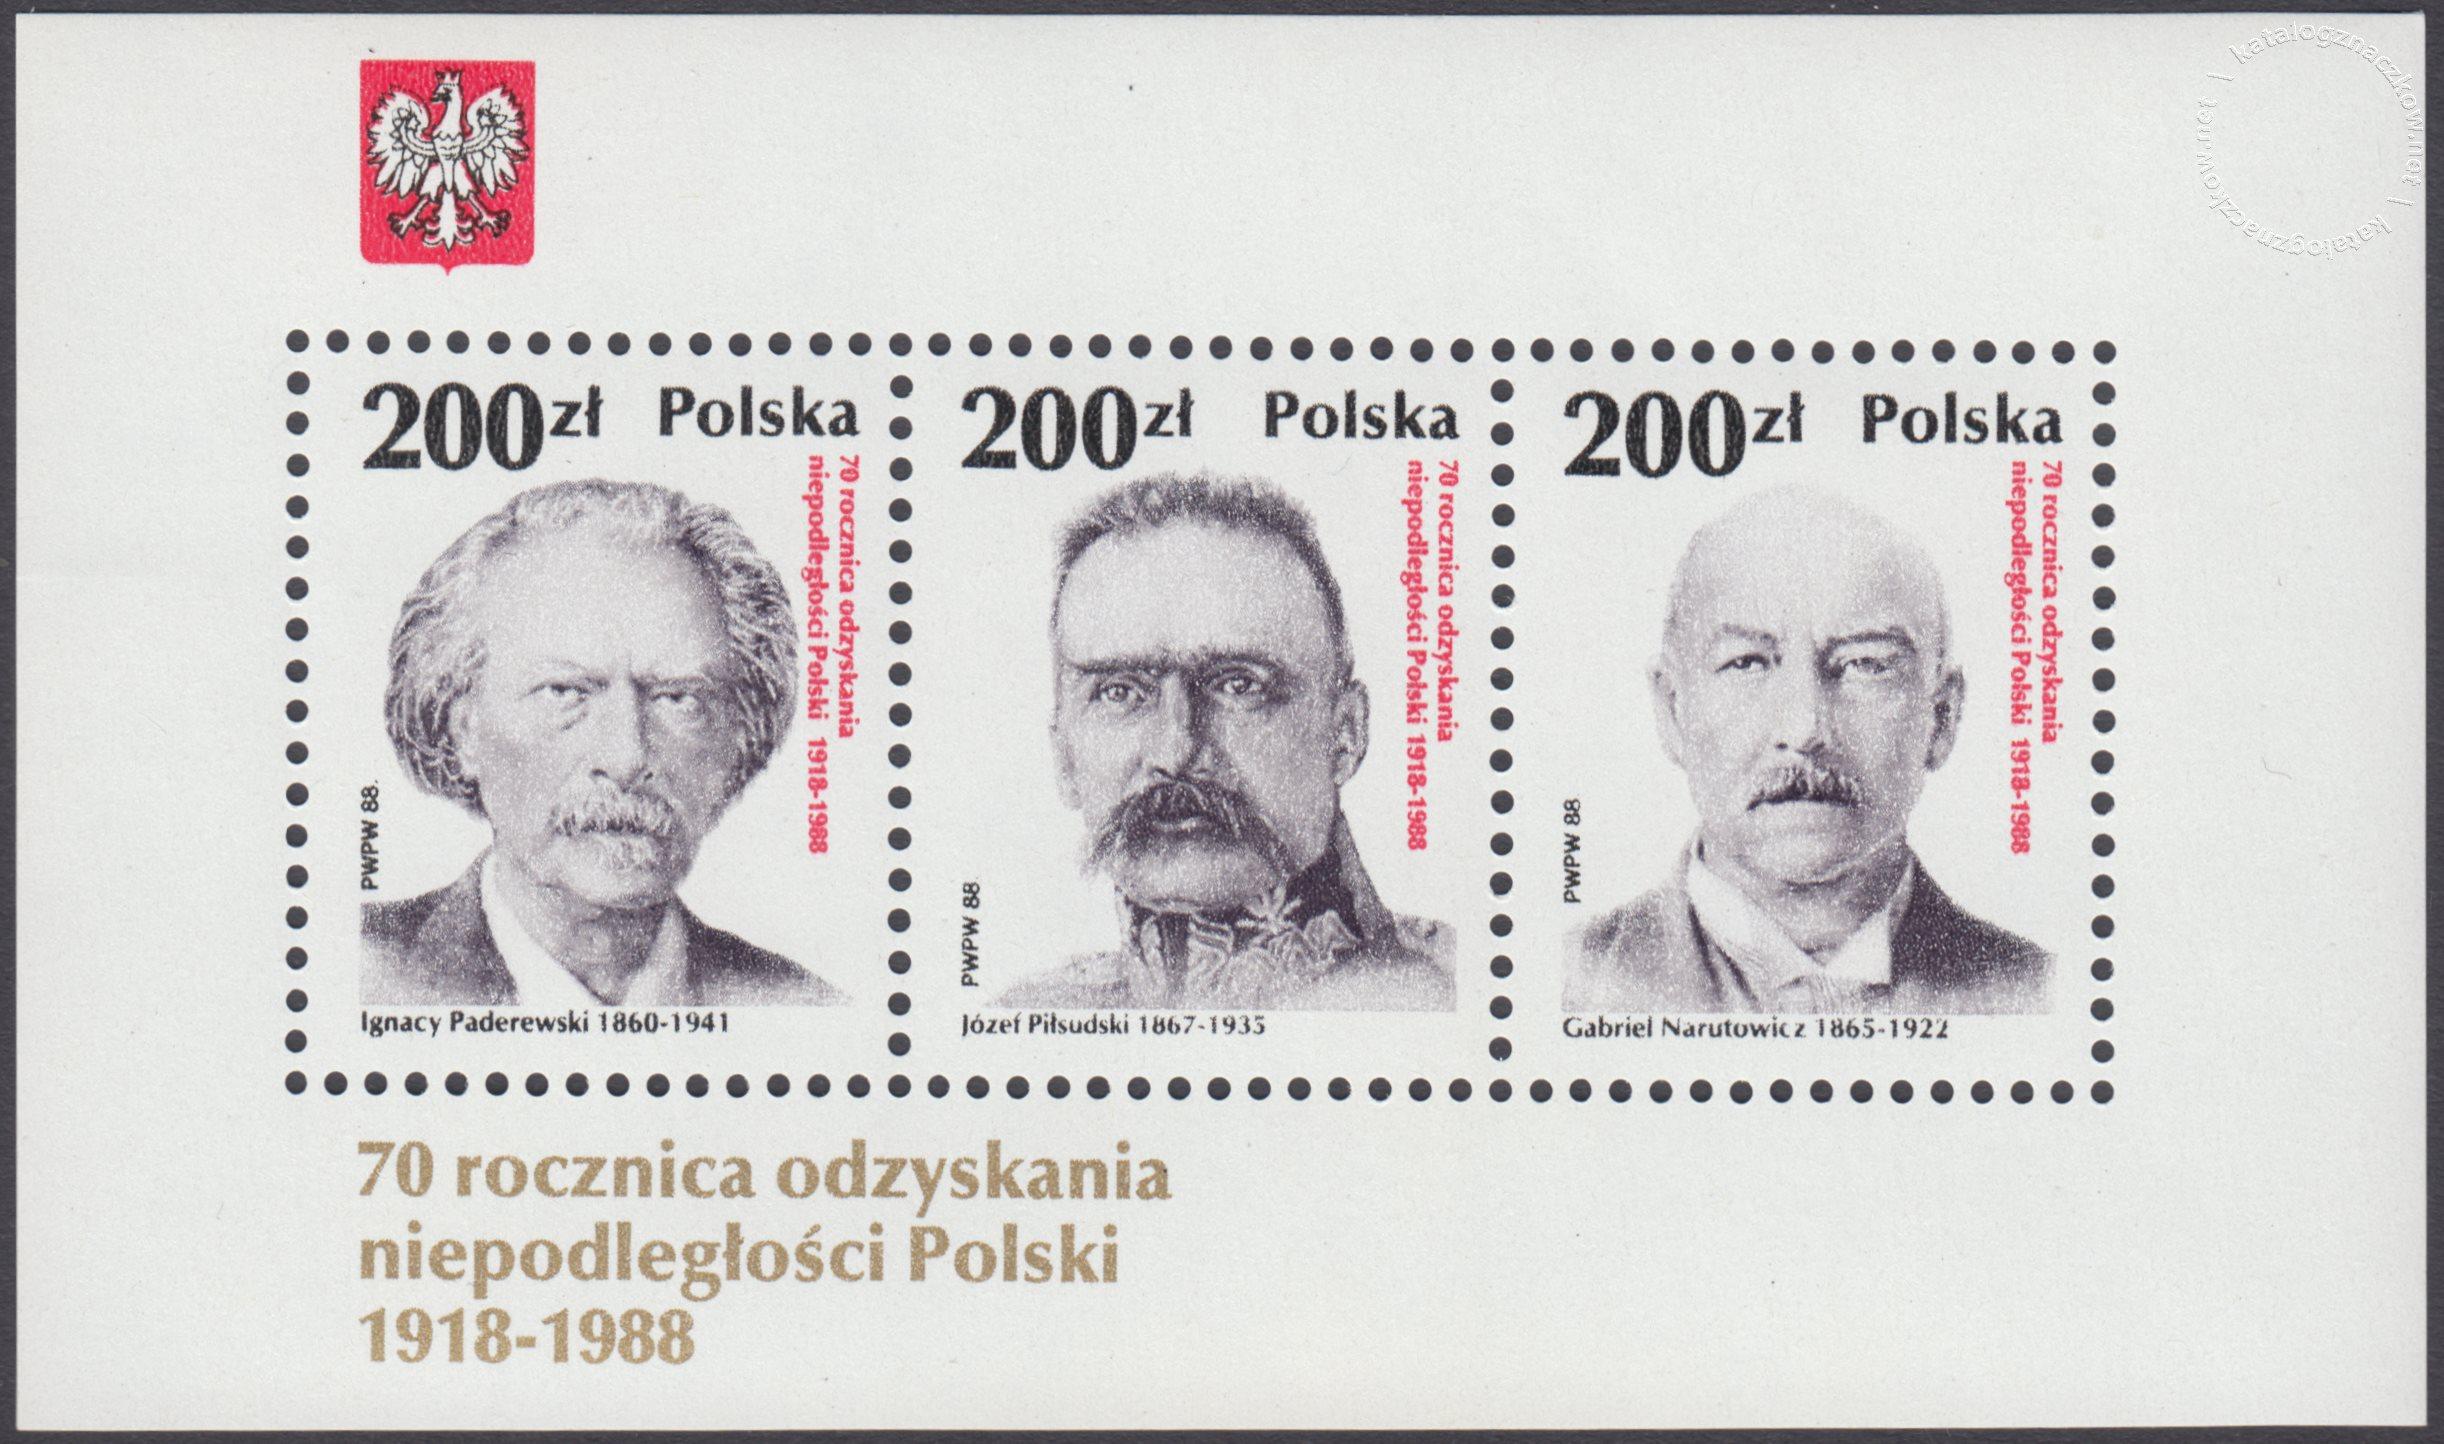 70 rocznica odzyskania niepodległości Polski 1918-1988 – Blok 93